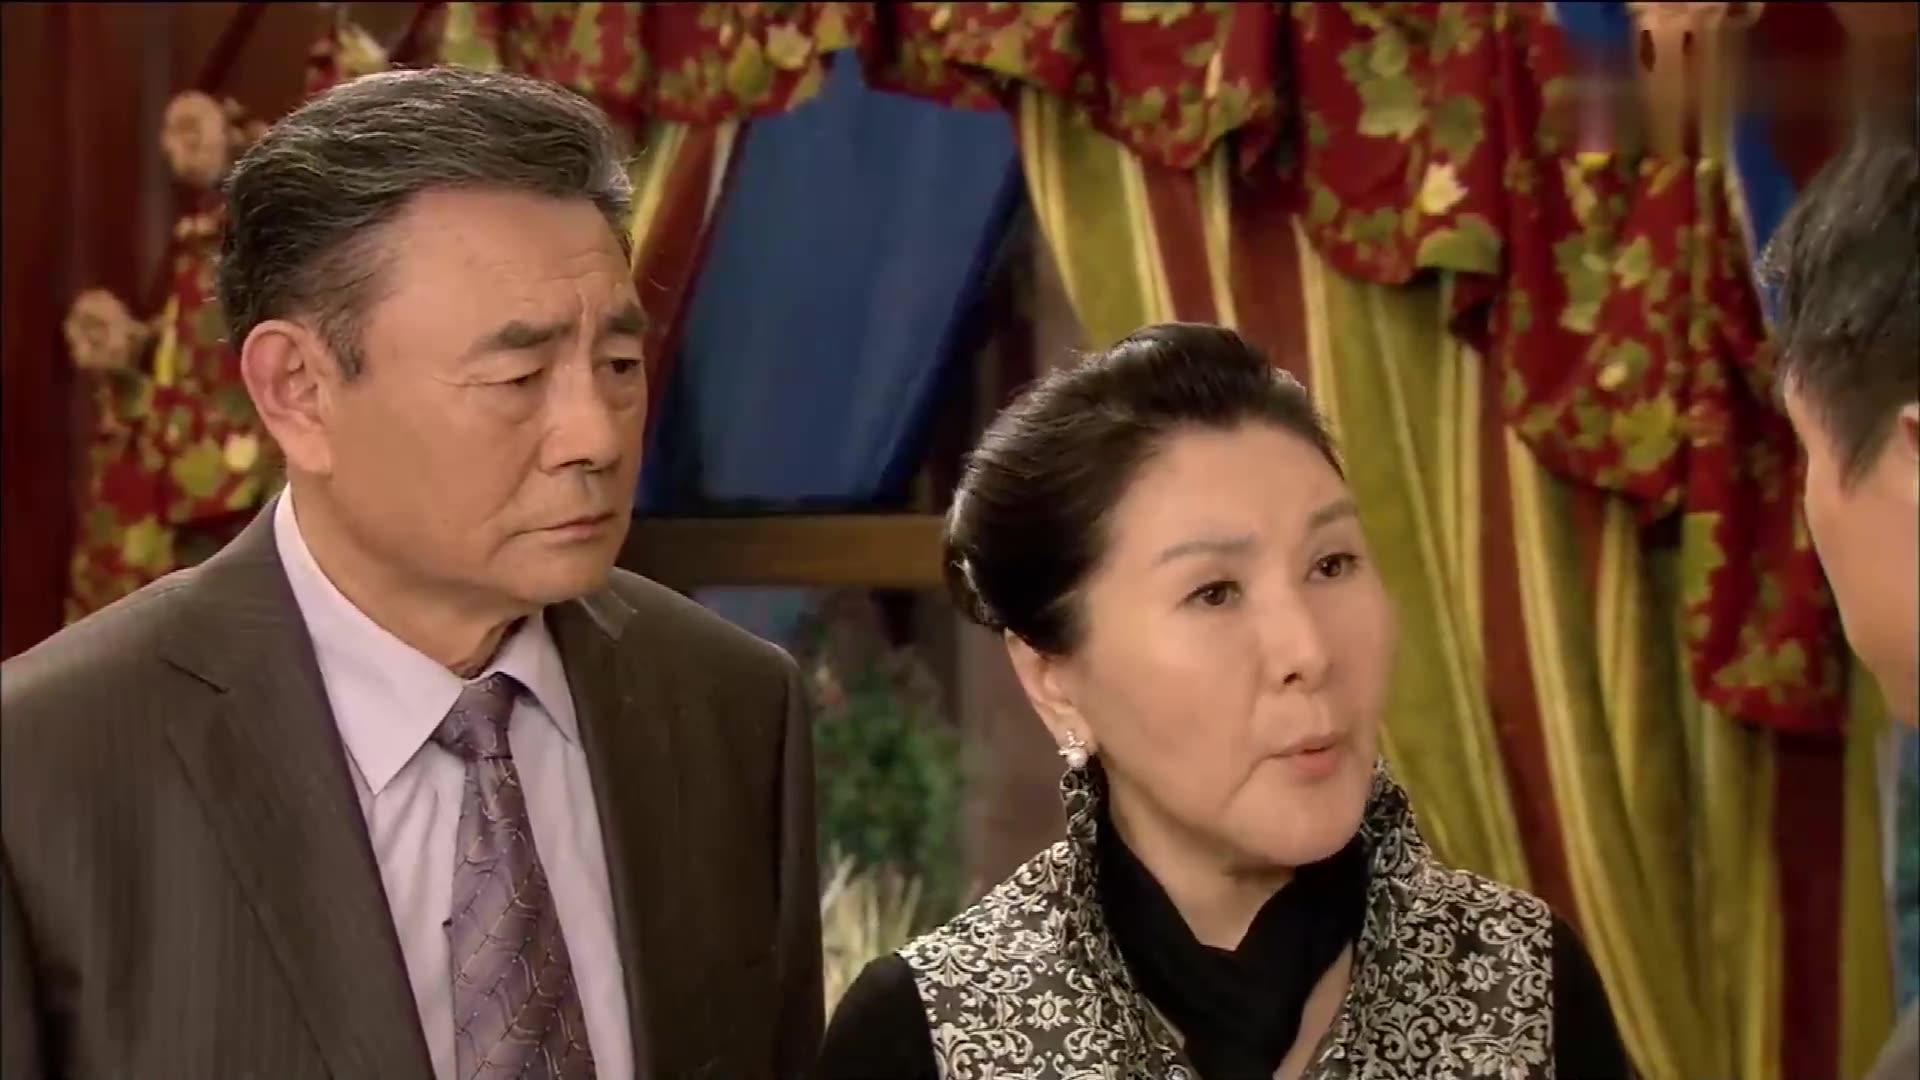 女婿结婚20多年心里却爱着别的女人,女总裁大怒,男子要完蛋了